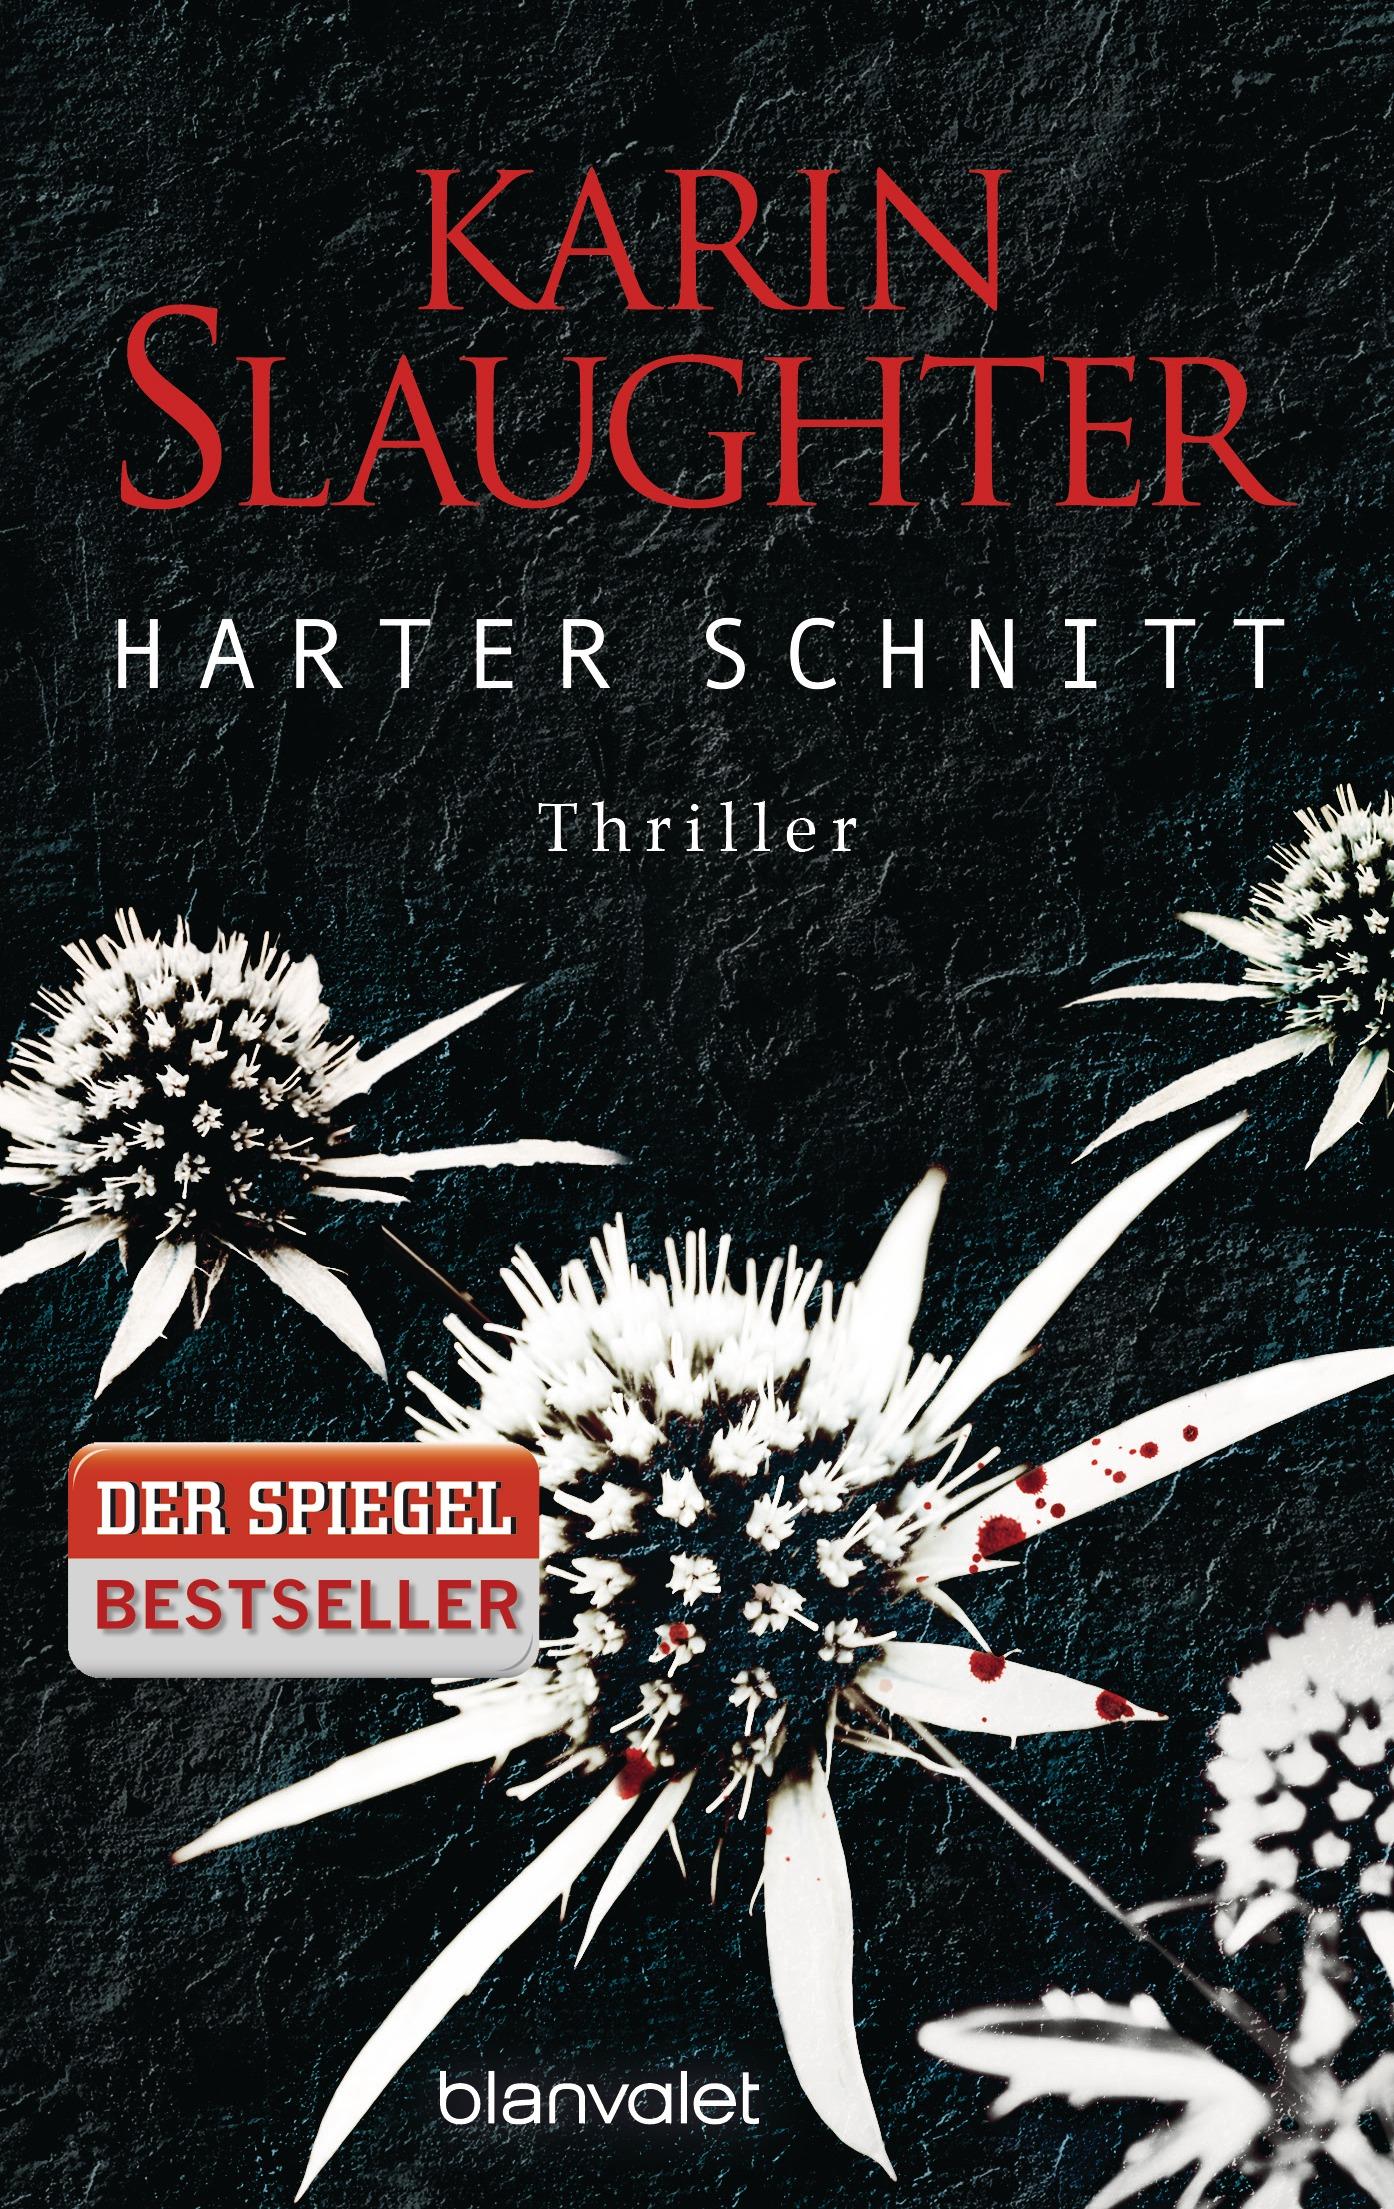 Harter Schnitt - Karin Slaughter